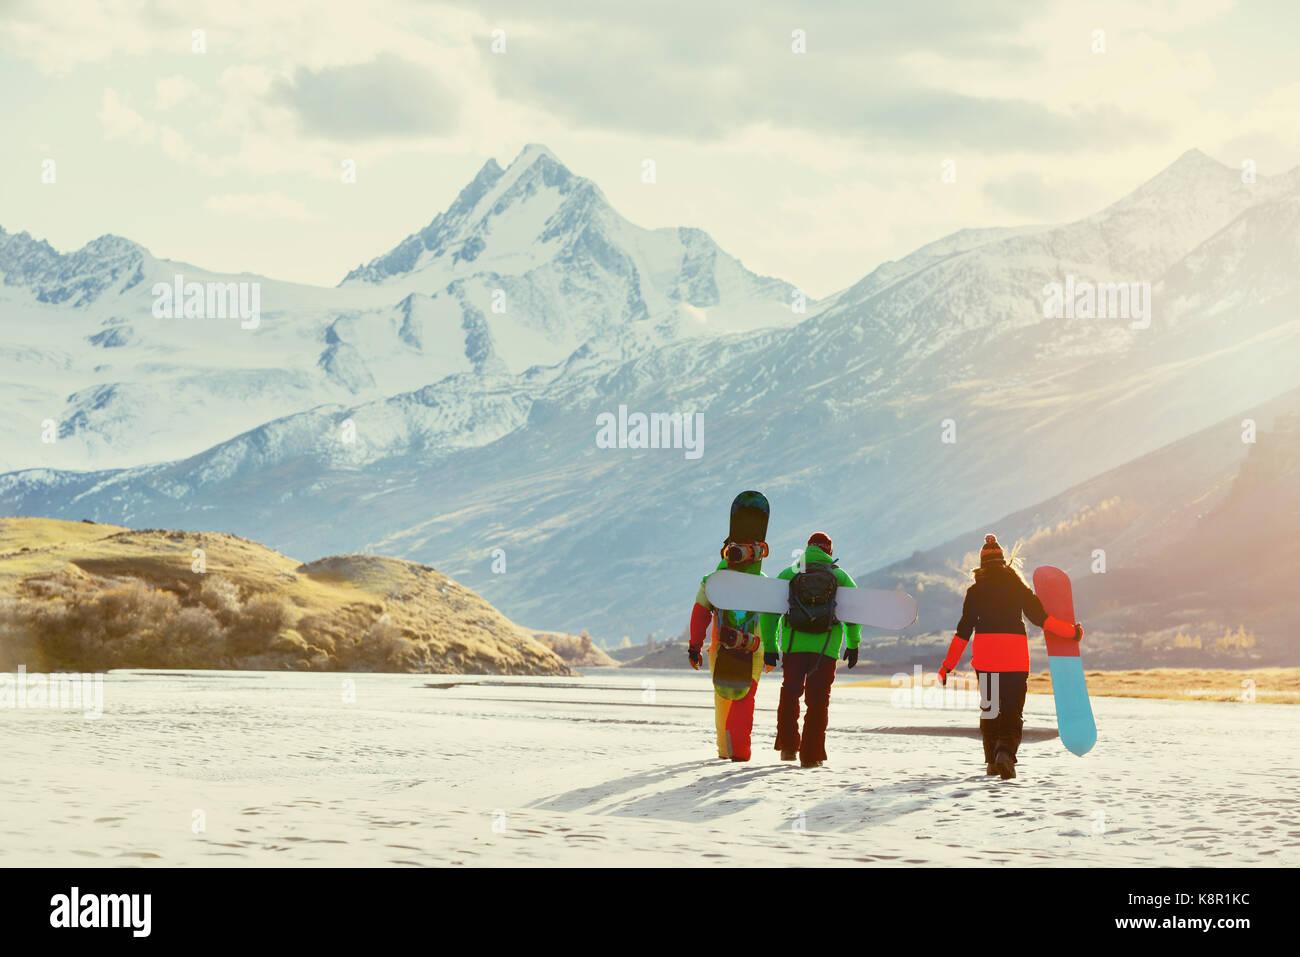 Grupo amigos ski snowboarder concepto Imagen De Stock